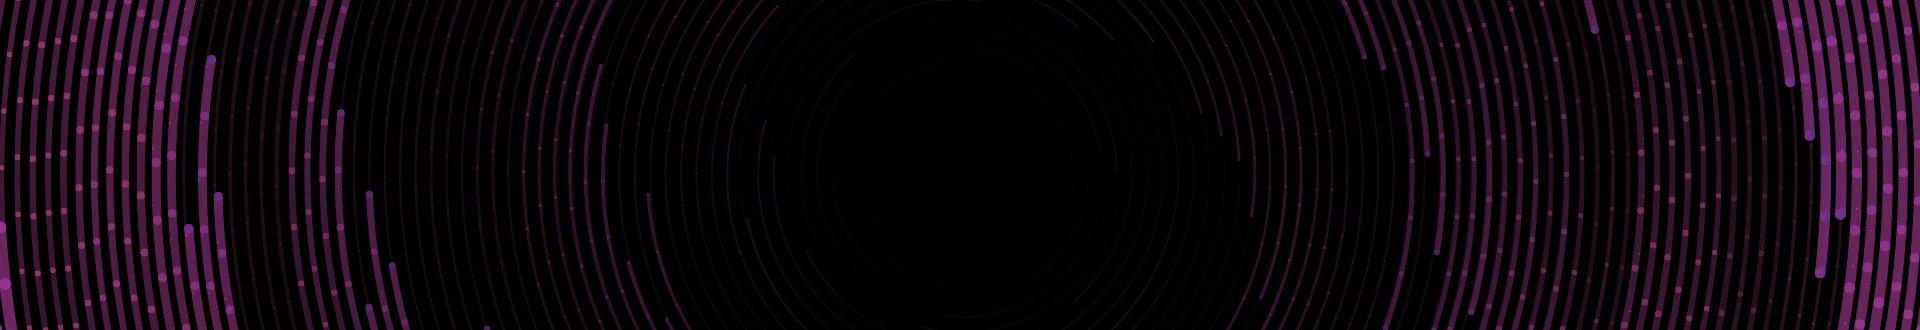 experts-forum-darker_1920x330